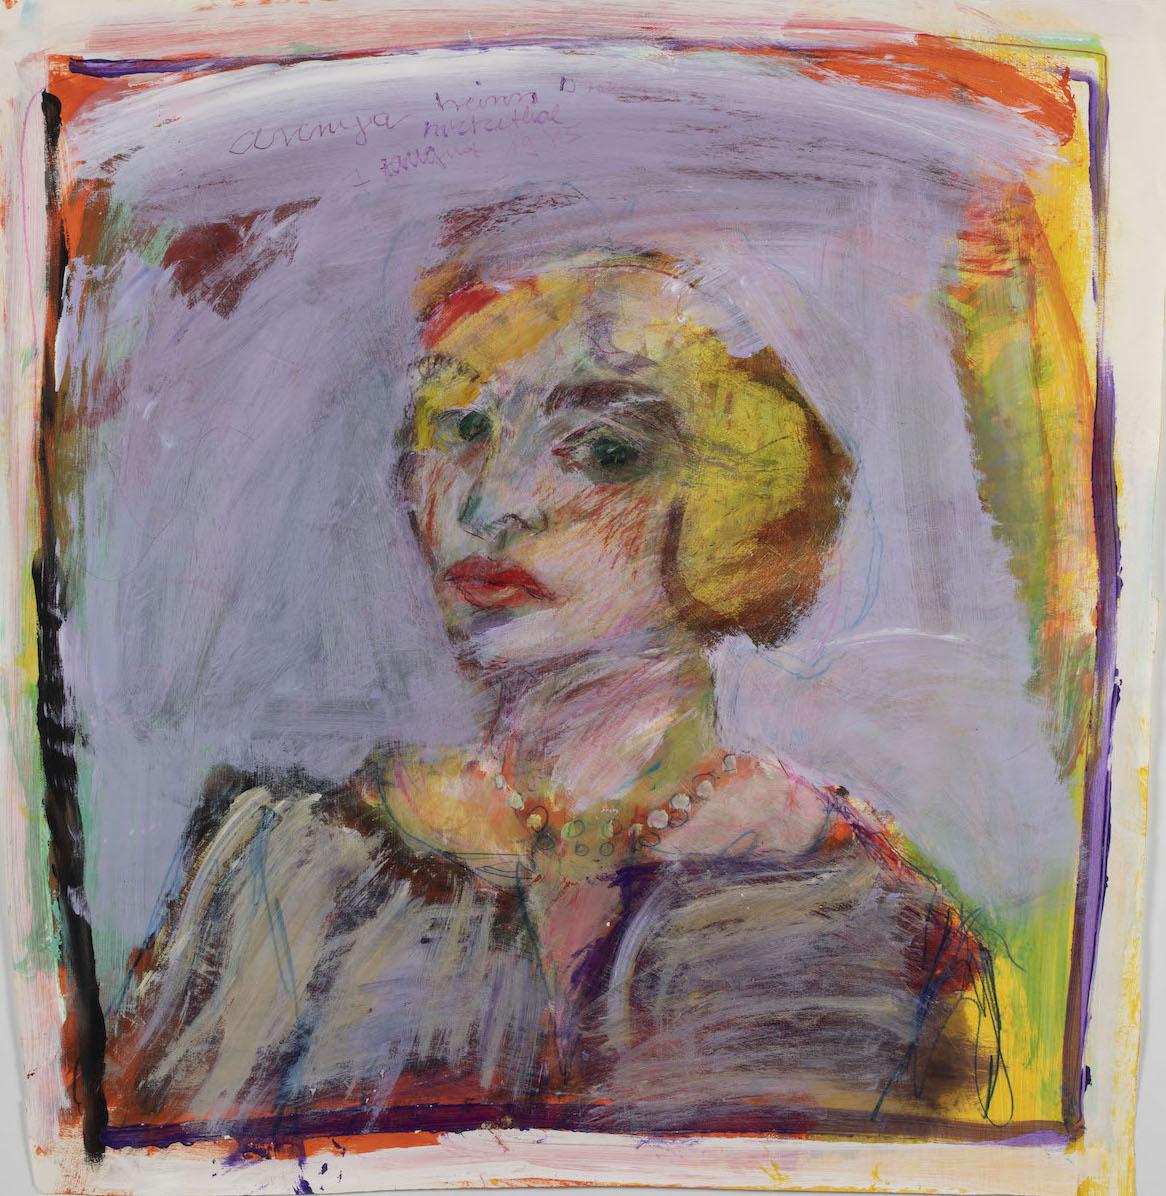 Annya, 1985